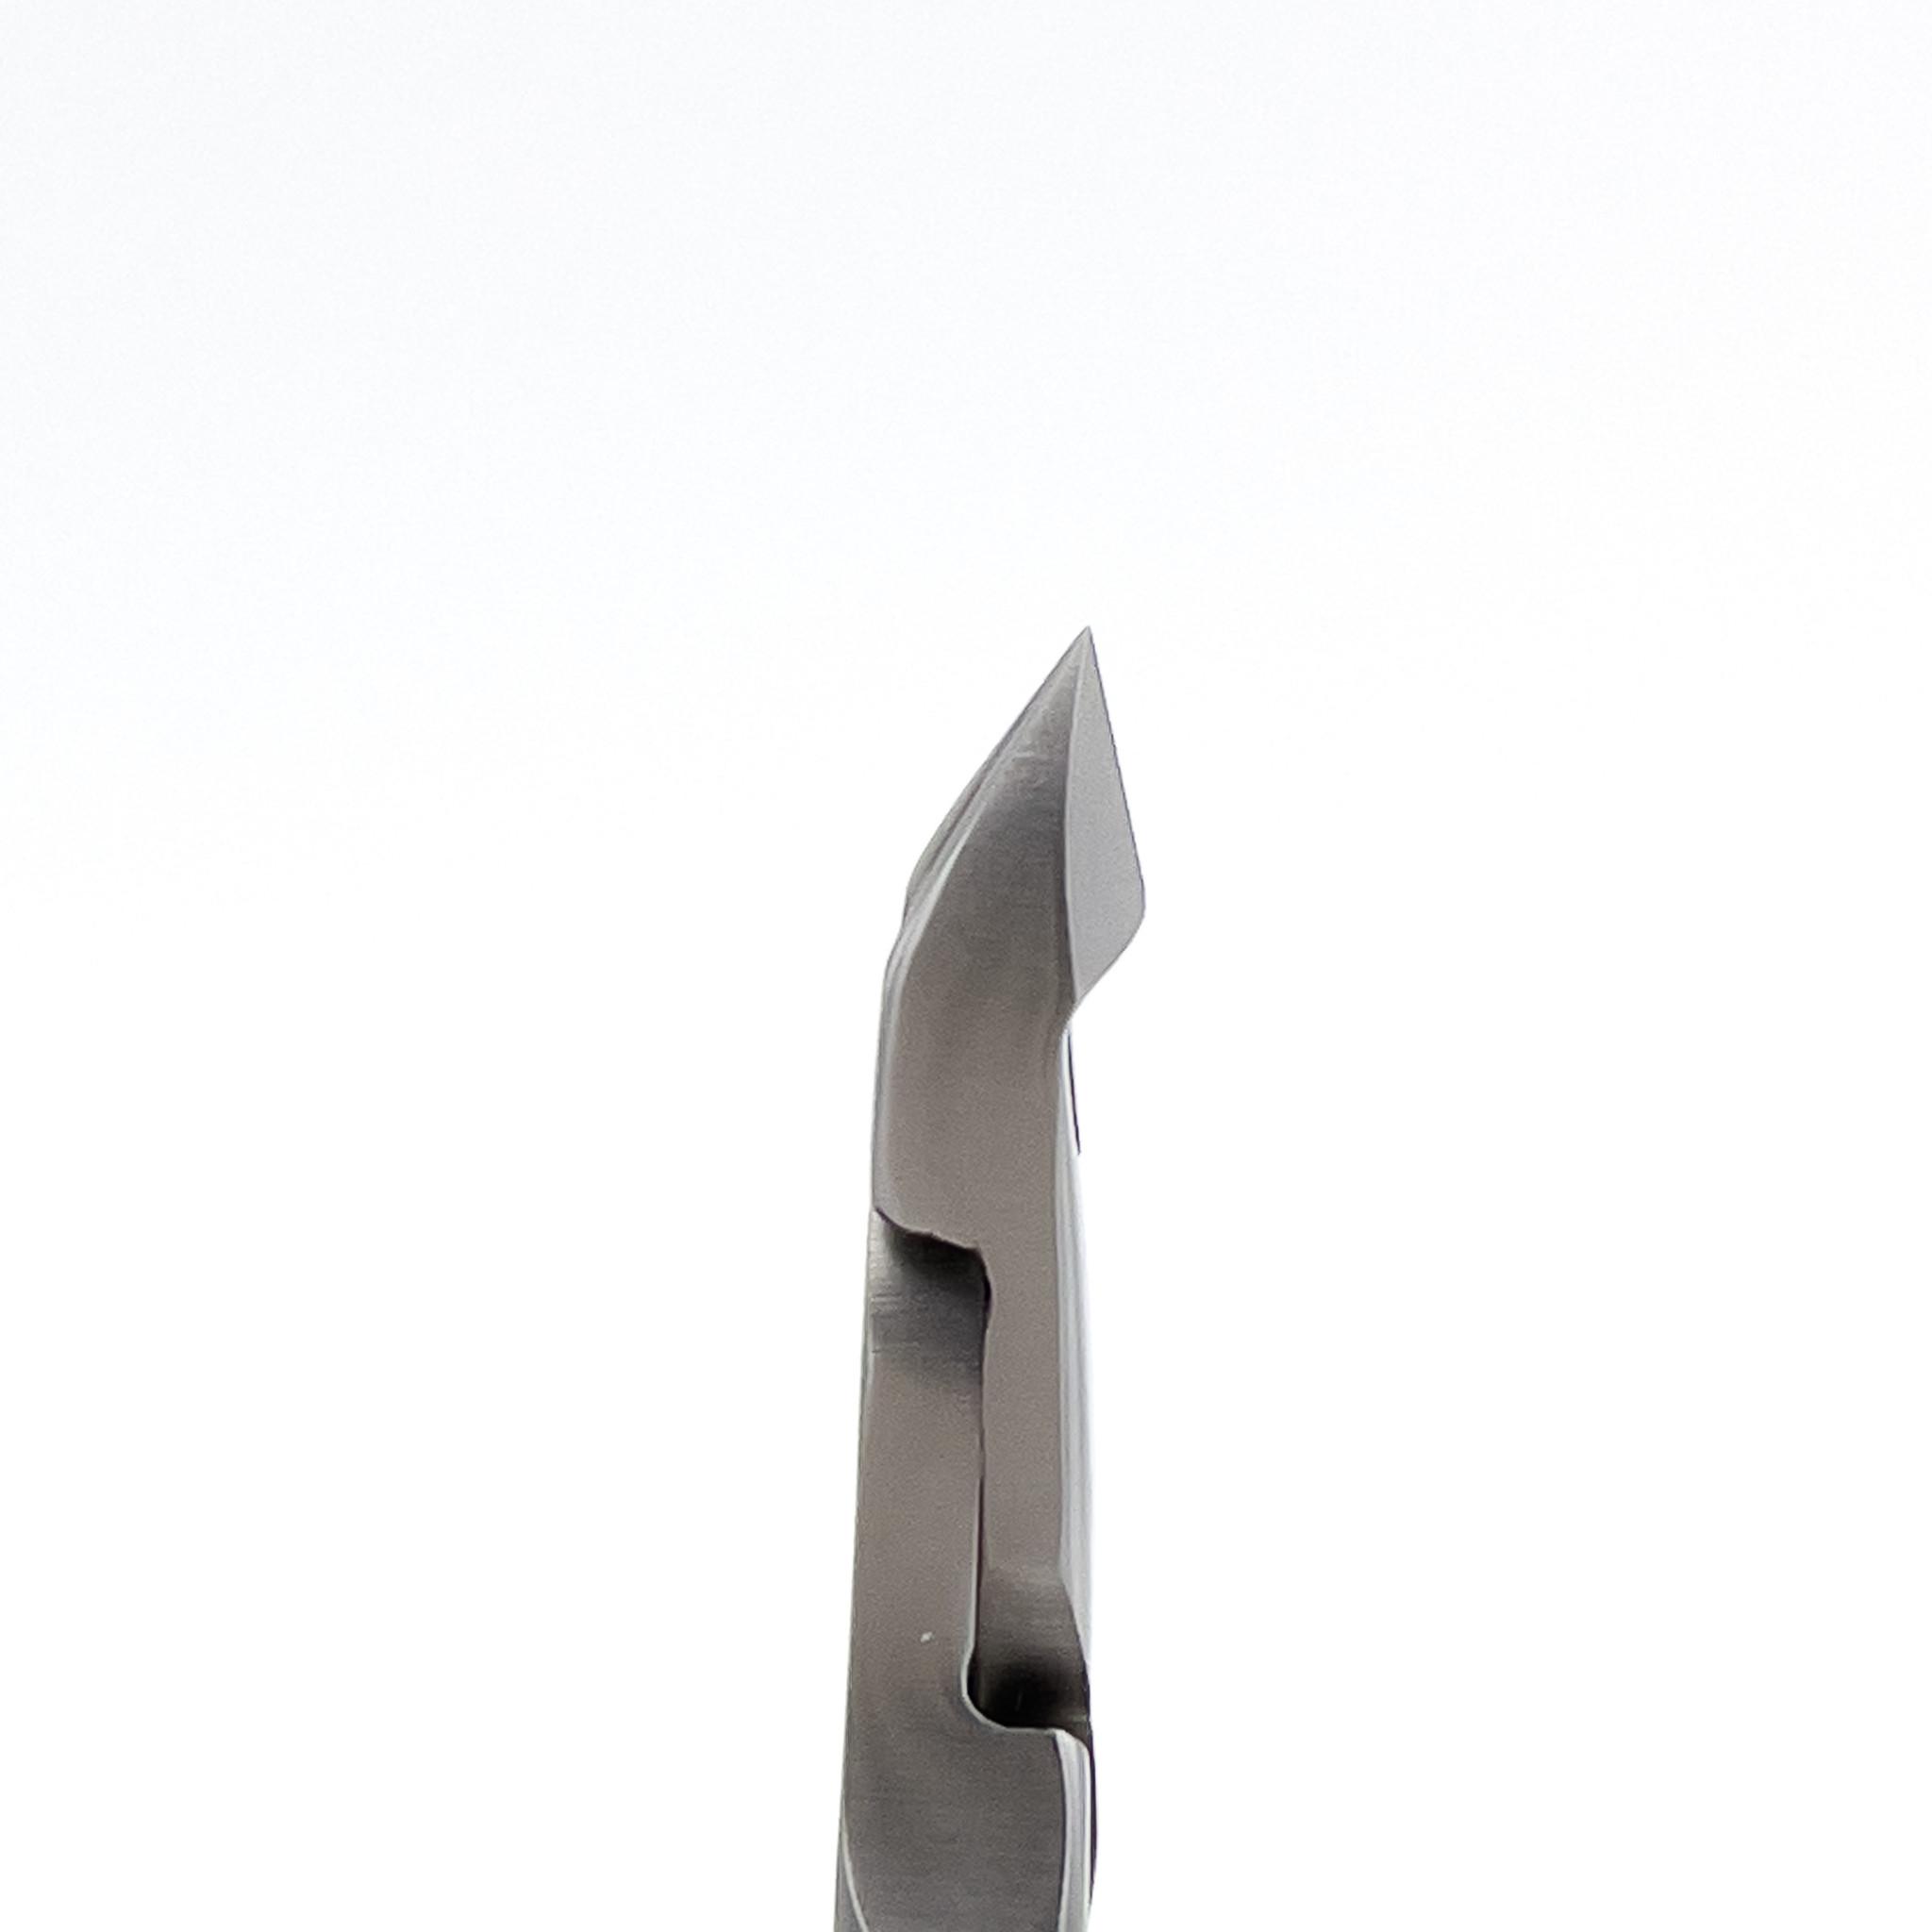 STALENA Pince à peau 7 mm - poignée longue KE-08 (N5-30-07)  NOUVEAU!